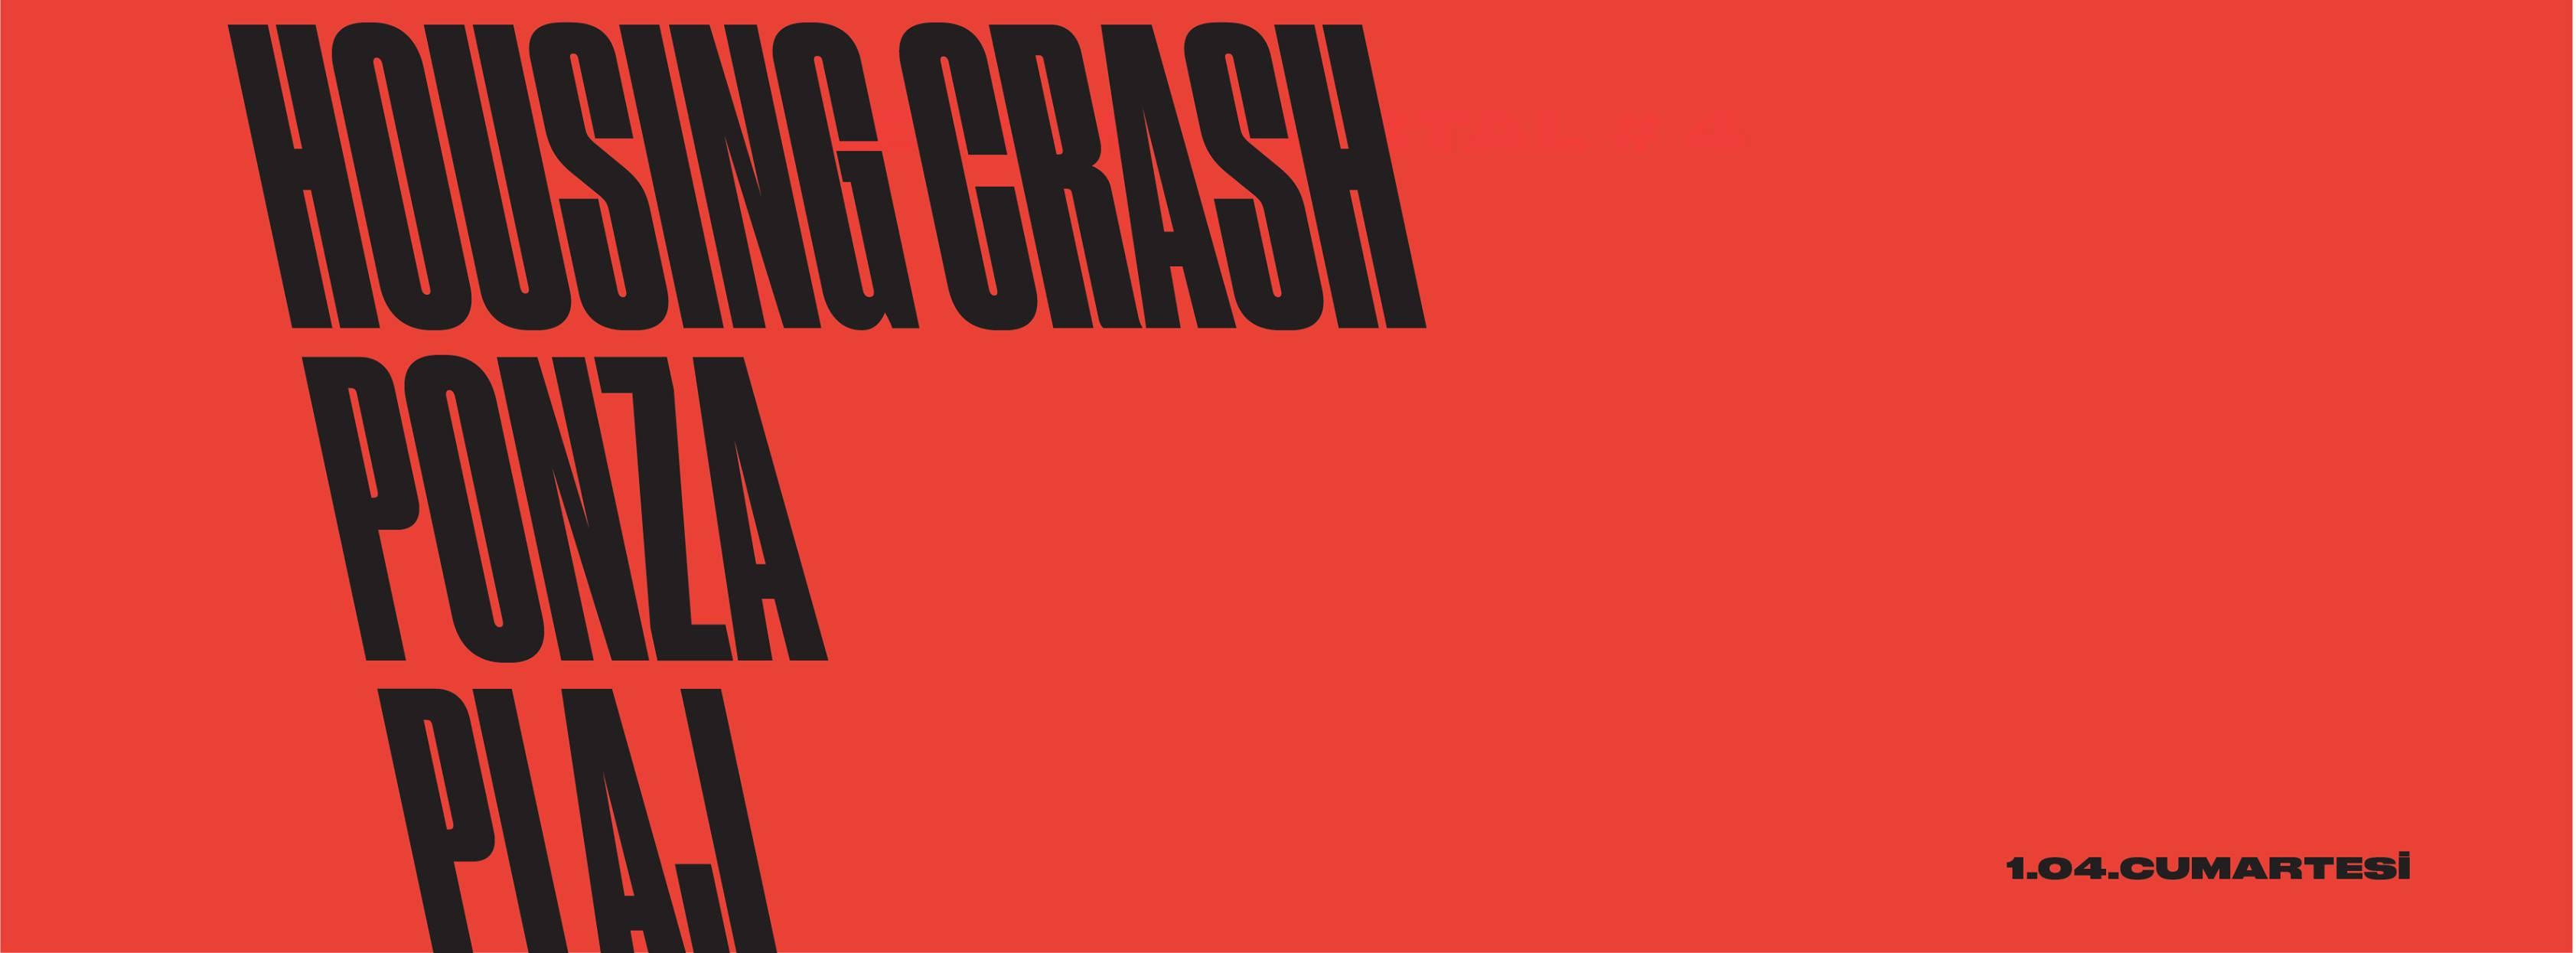 Housing Crash + Ponza + Plaj, 1 Nisan, Peyote